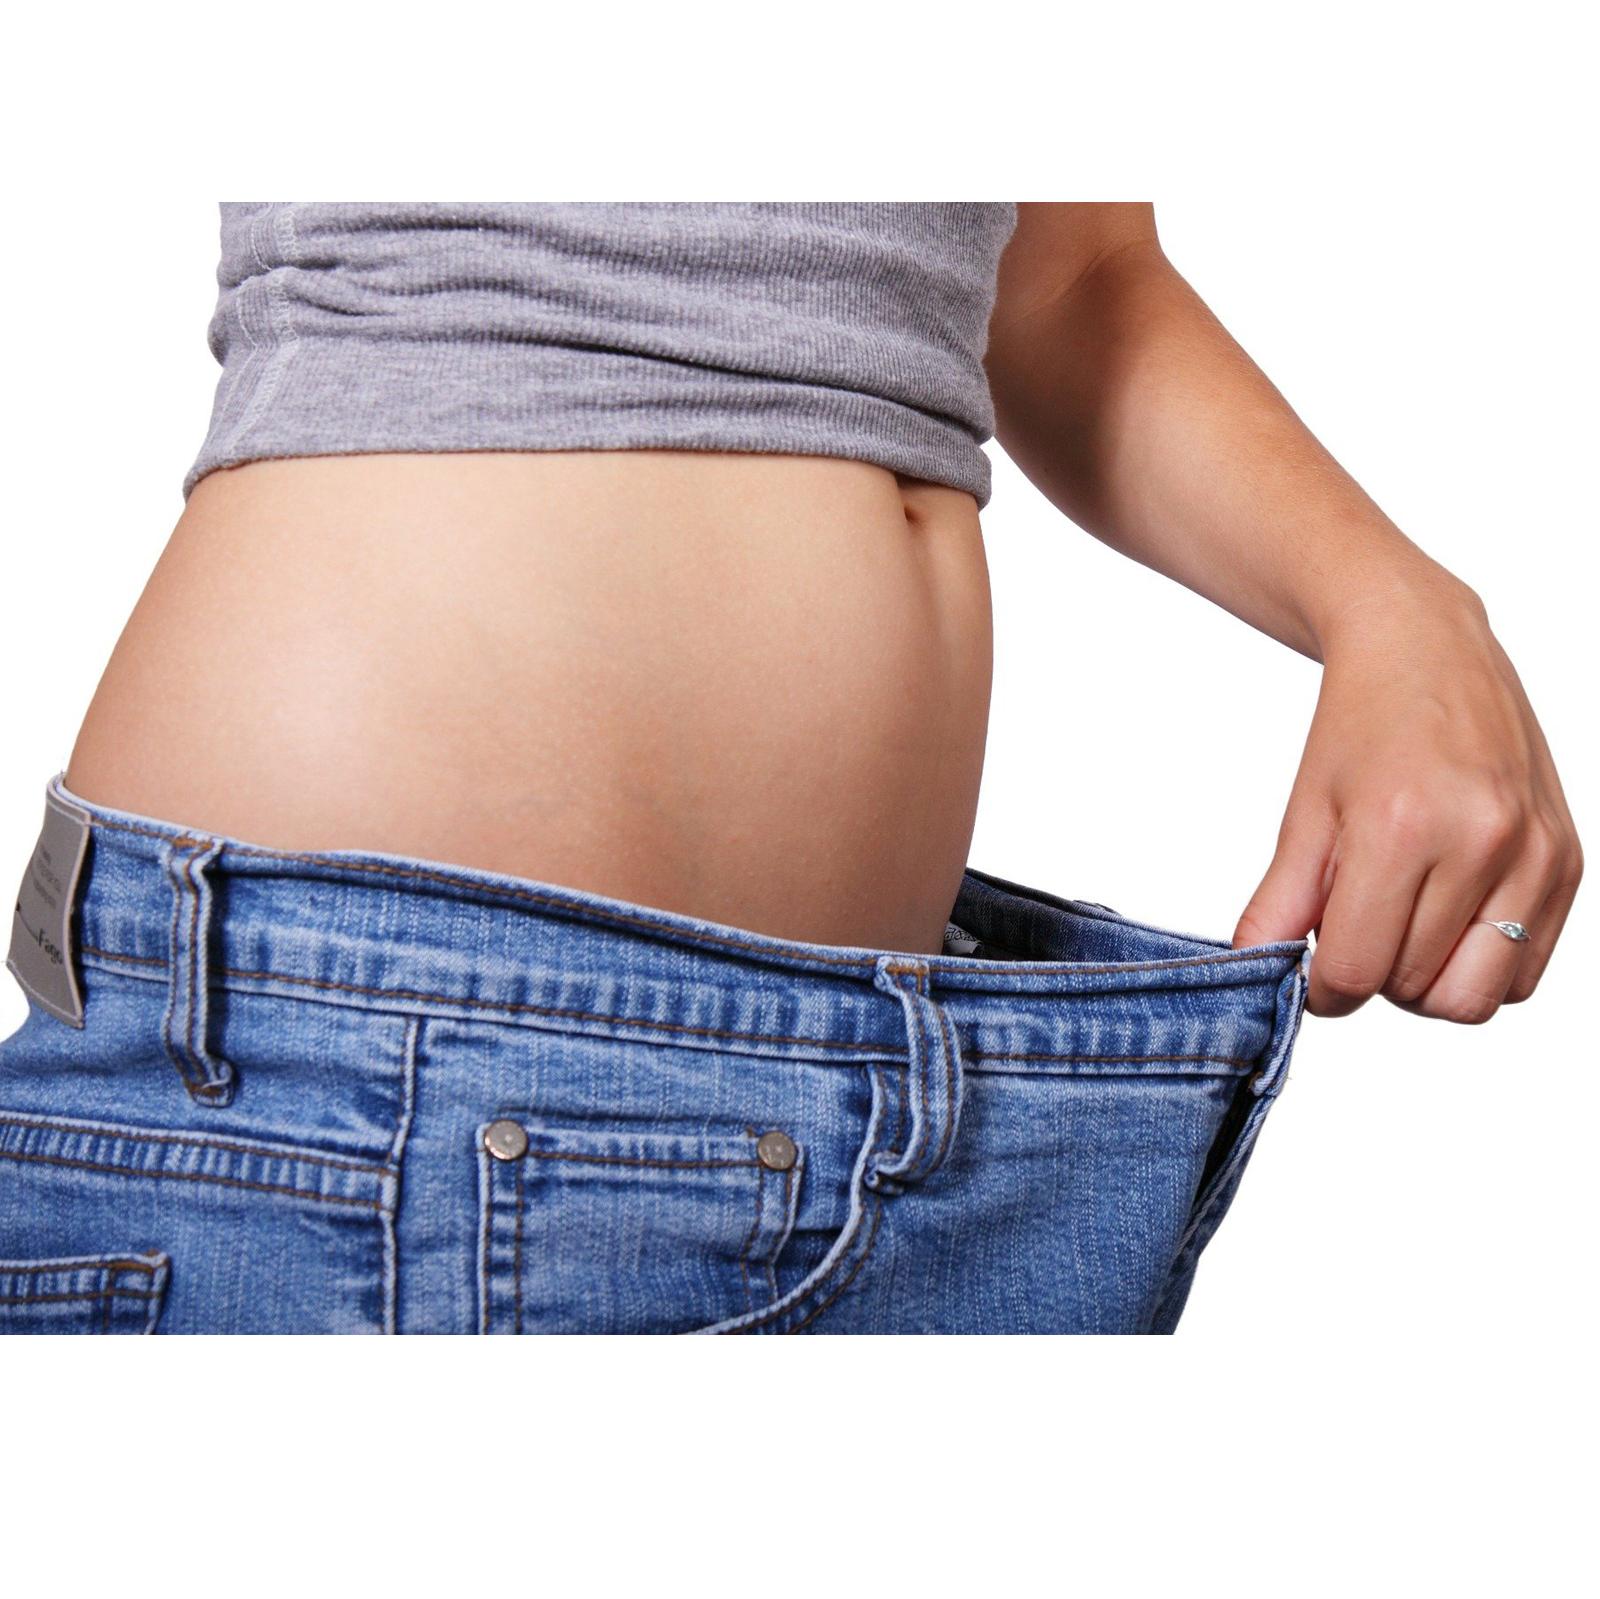 Ktoré dva výživové doplnky sú pri chudnutí najdôležitejšie?